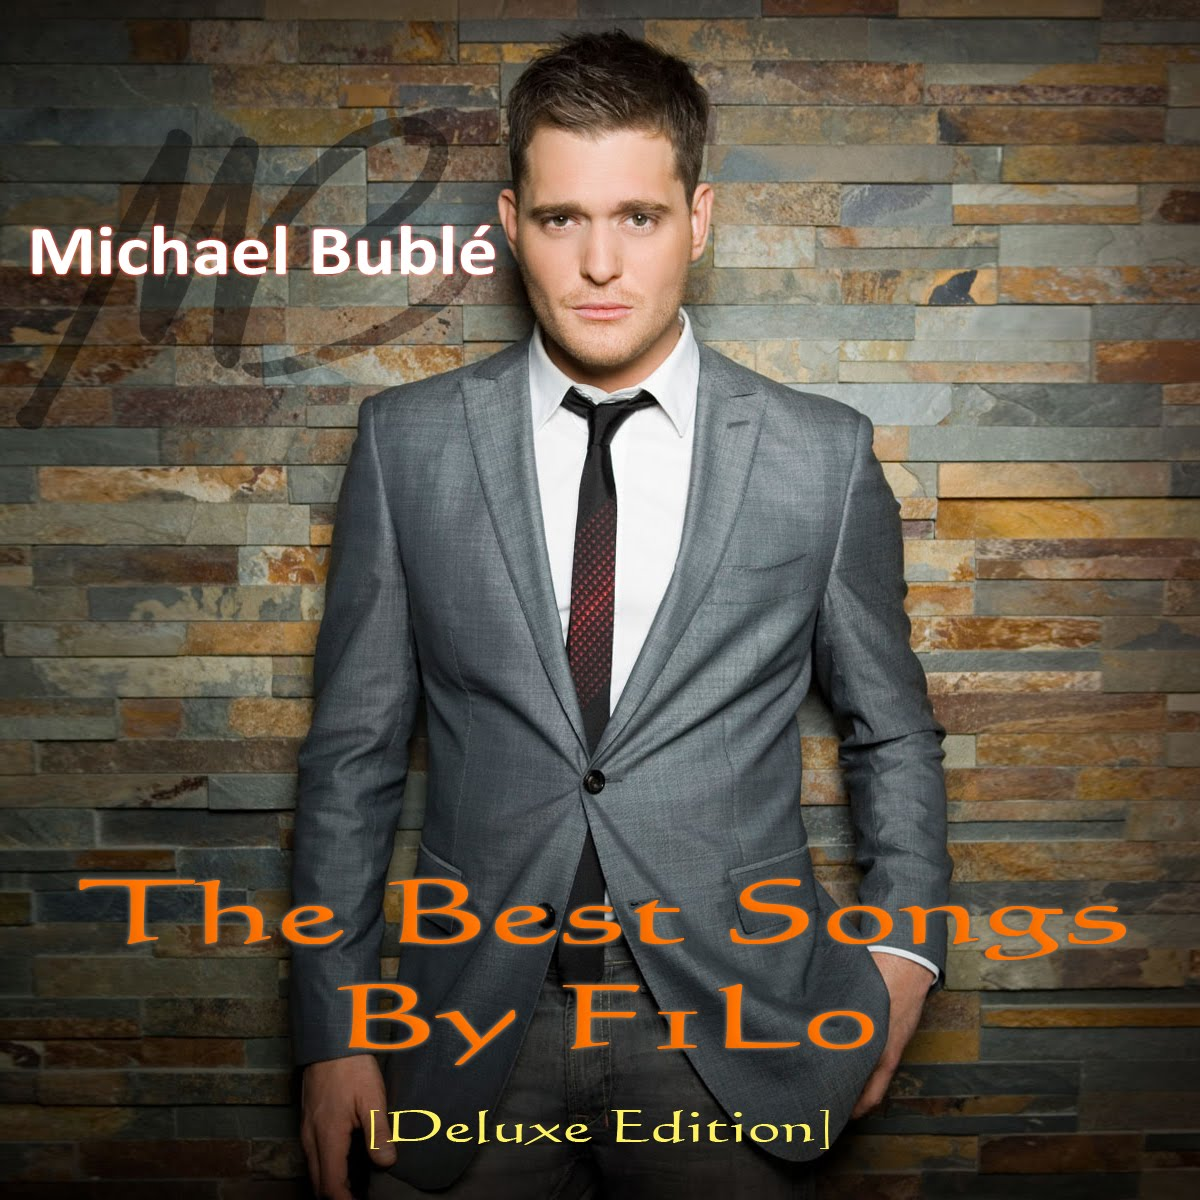 http://2.bp.blogspot.com/_B9zPZ-VZPAs/S_zxJLVPoEI/AAAAAAAAAHs/UQ8-q5br9P4/s1600/MB_The_Best_Songs_By_F1L0+%5BCover%5D.jpg